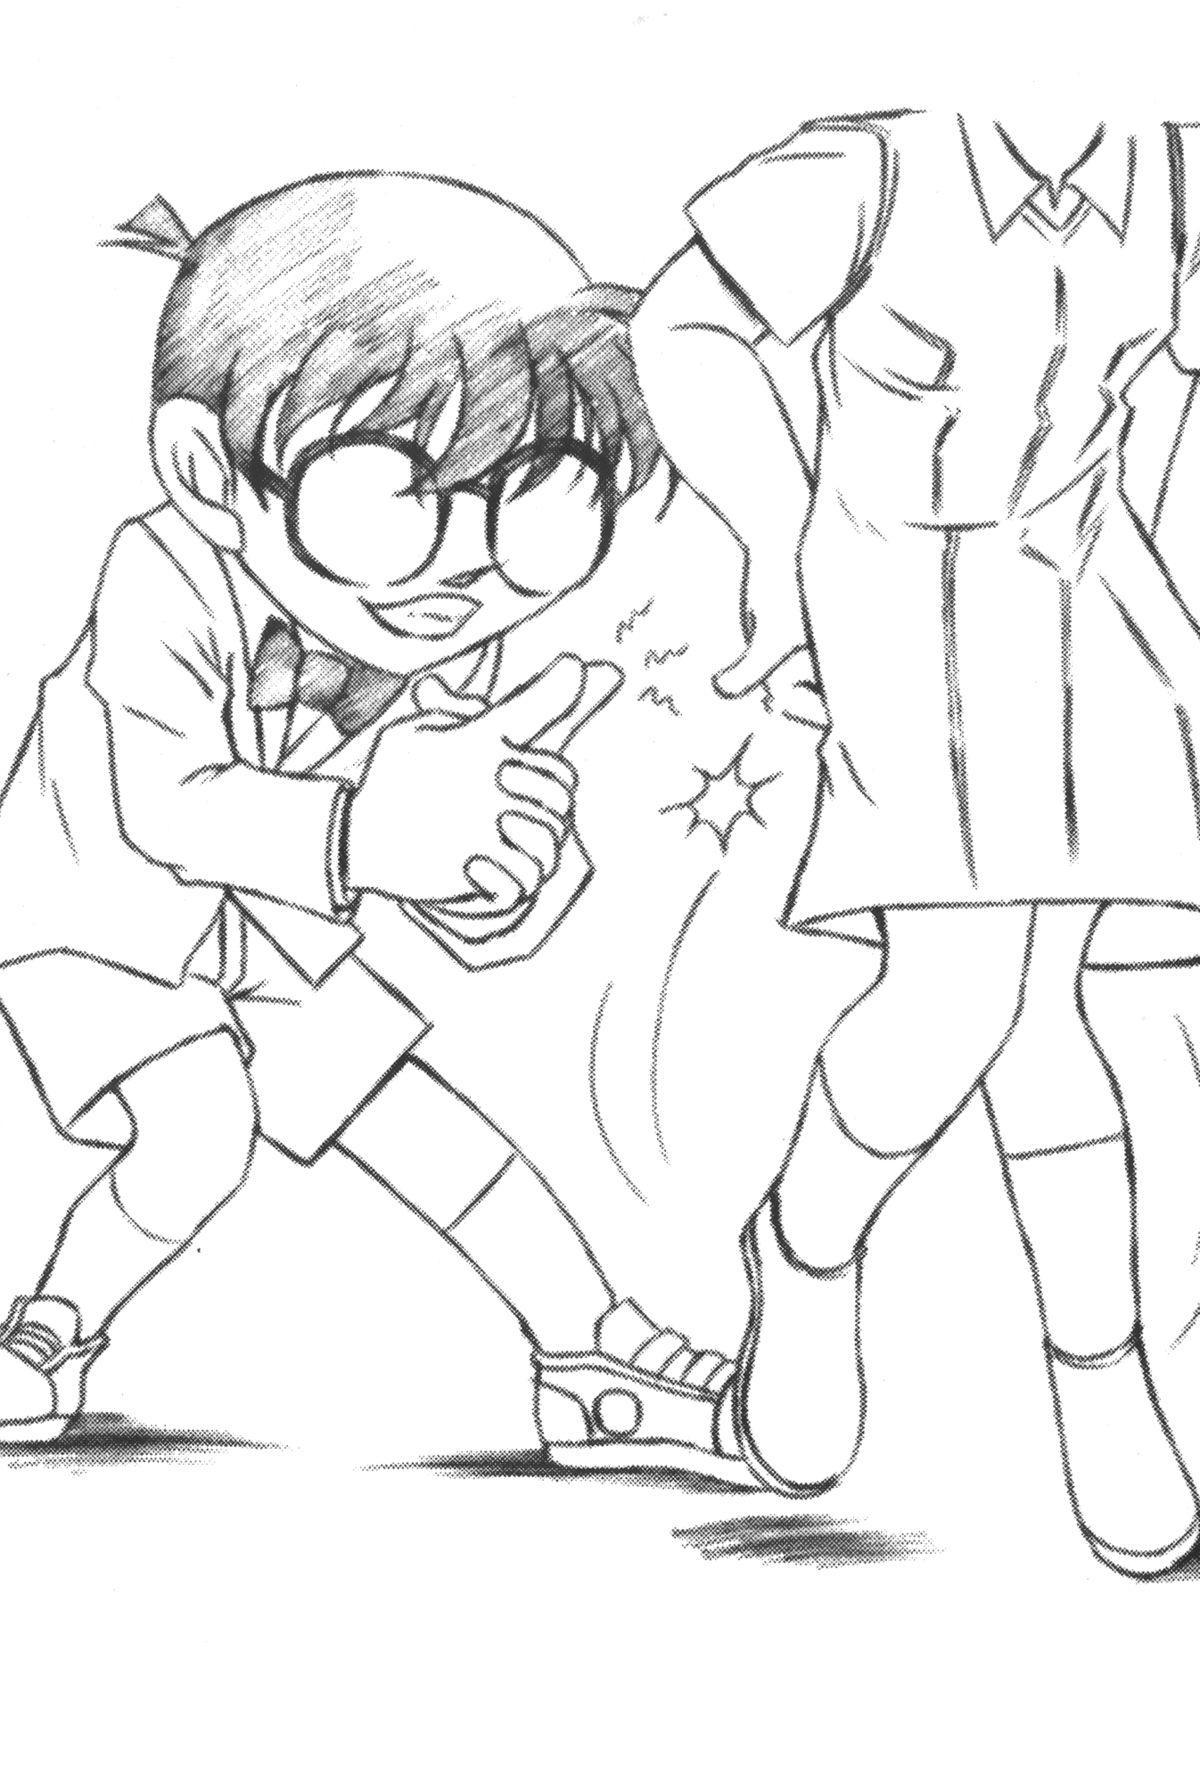 Detective Assistant Vol. 14 83